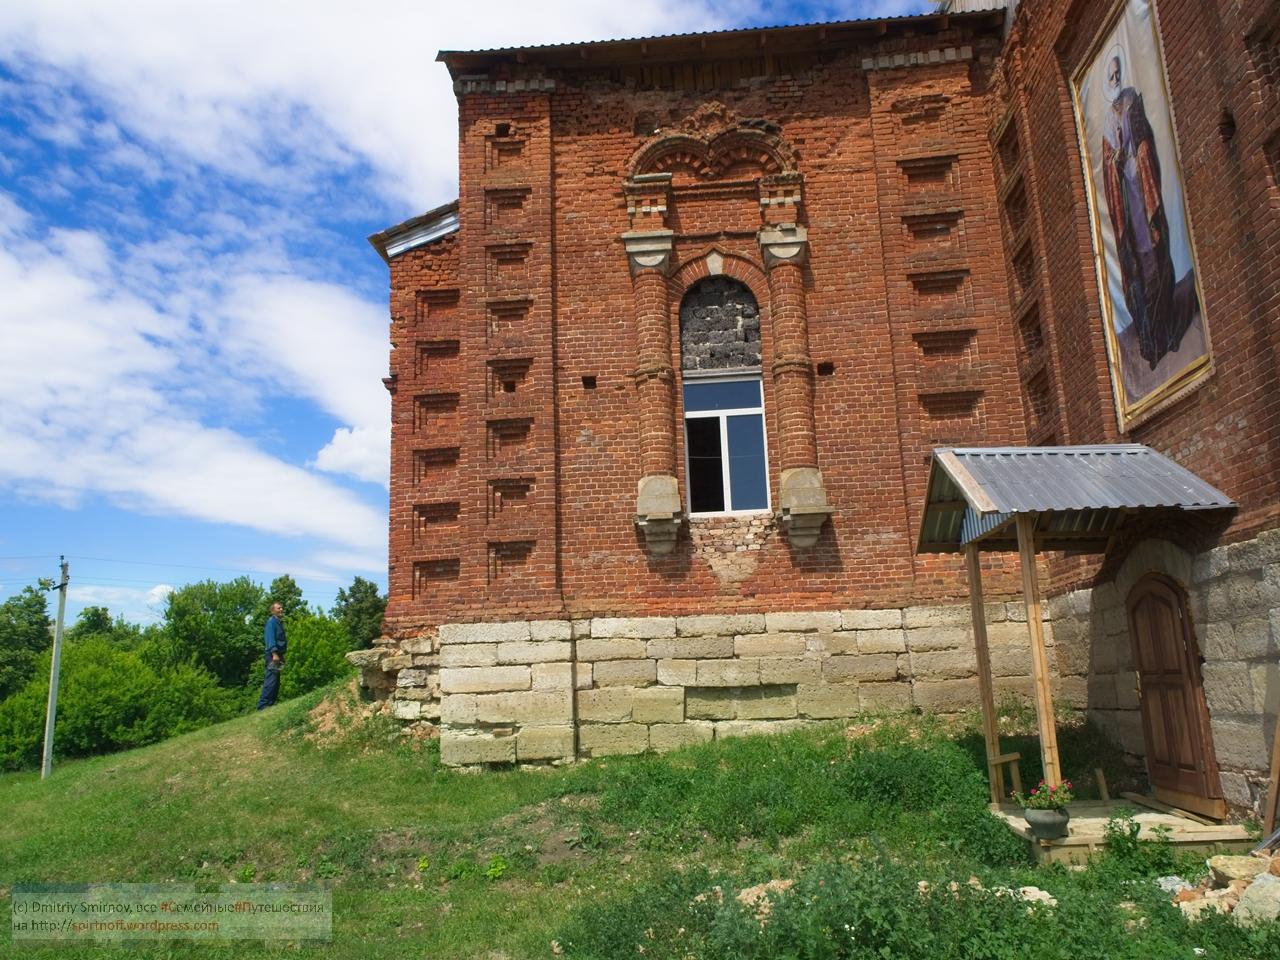 019-smi17219-blog-4 Путешествия  Яндовка. Процесс идет